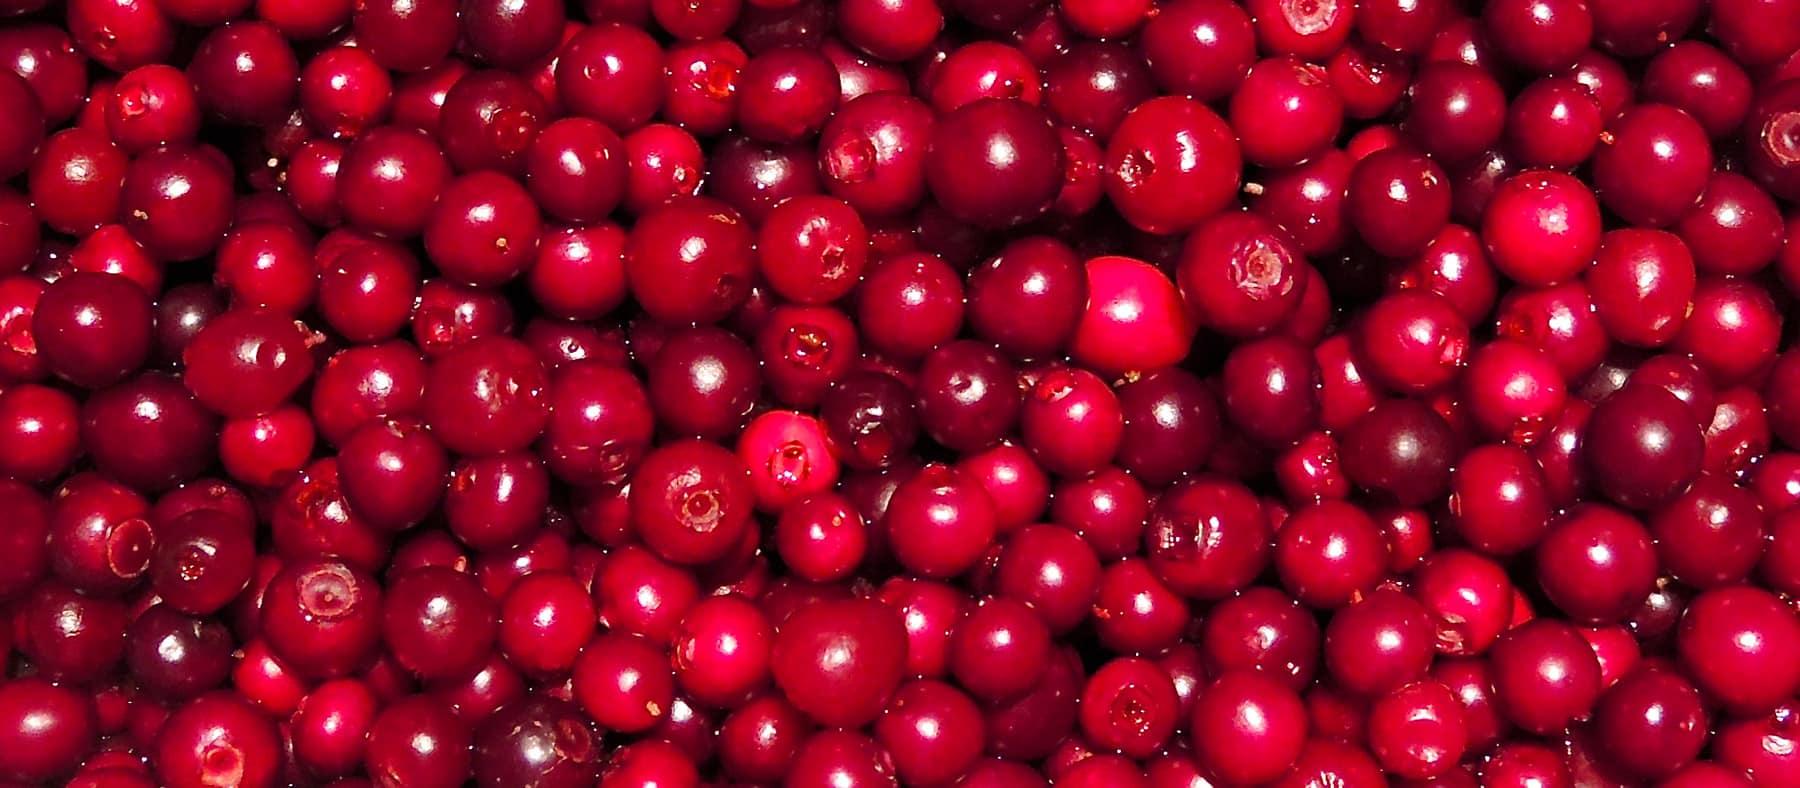 petits-fruits-nunanik-airelles-quebec-le-mag